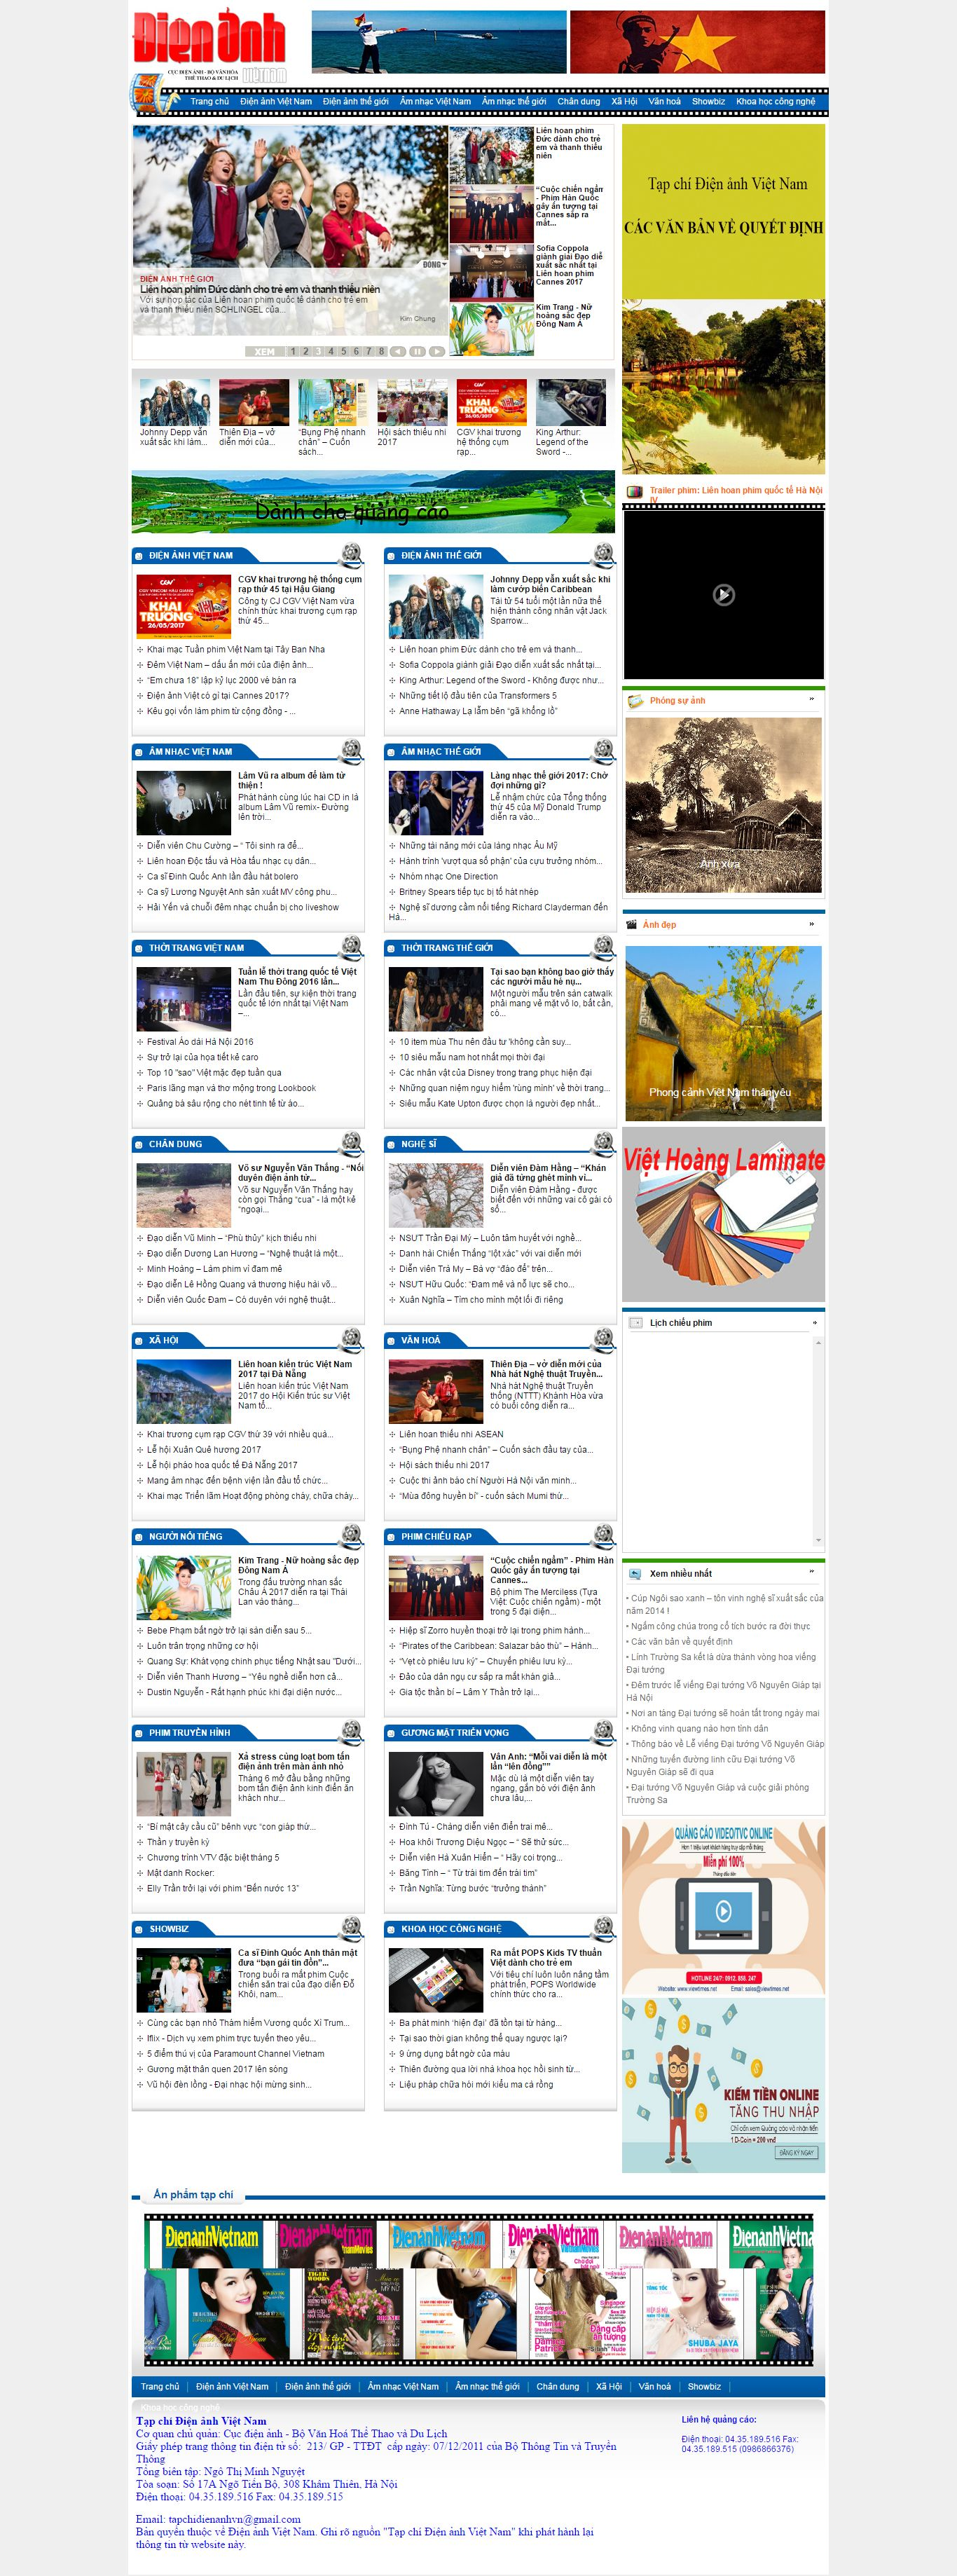 Thiết kế website Điện ảnh Việt Nam đẹp, chuyên nghiệp chuẩn SEO